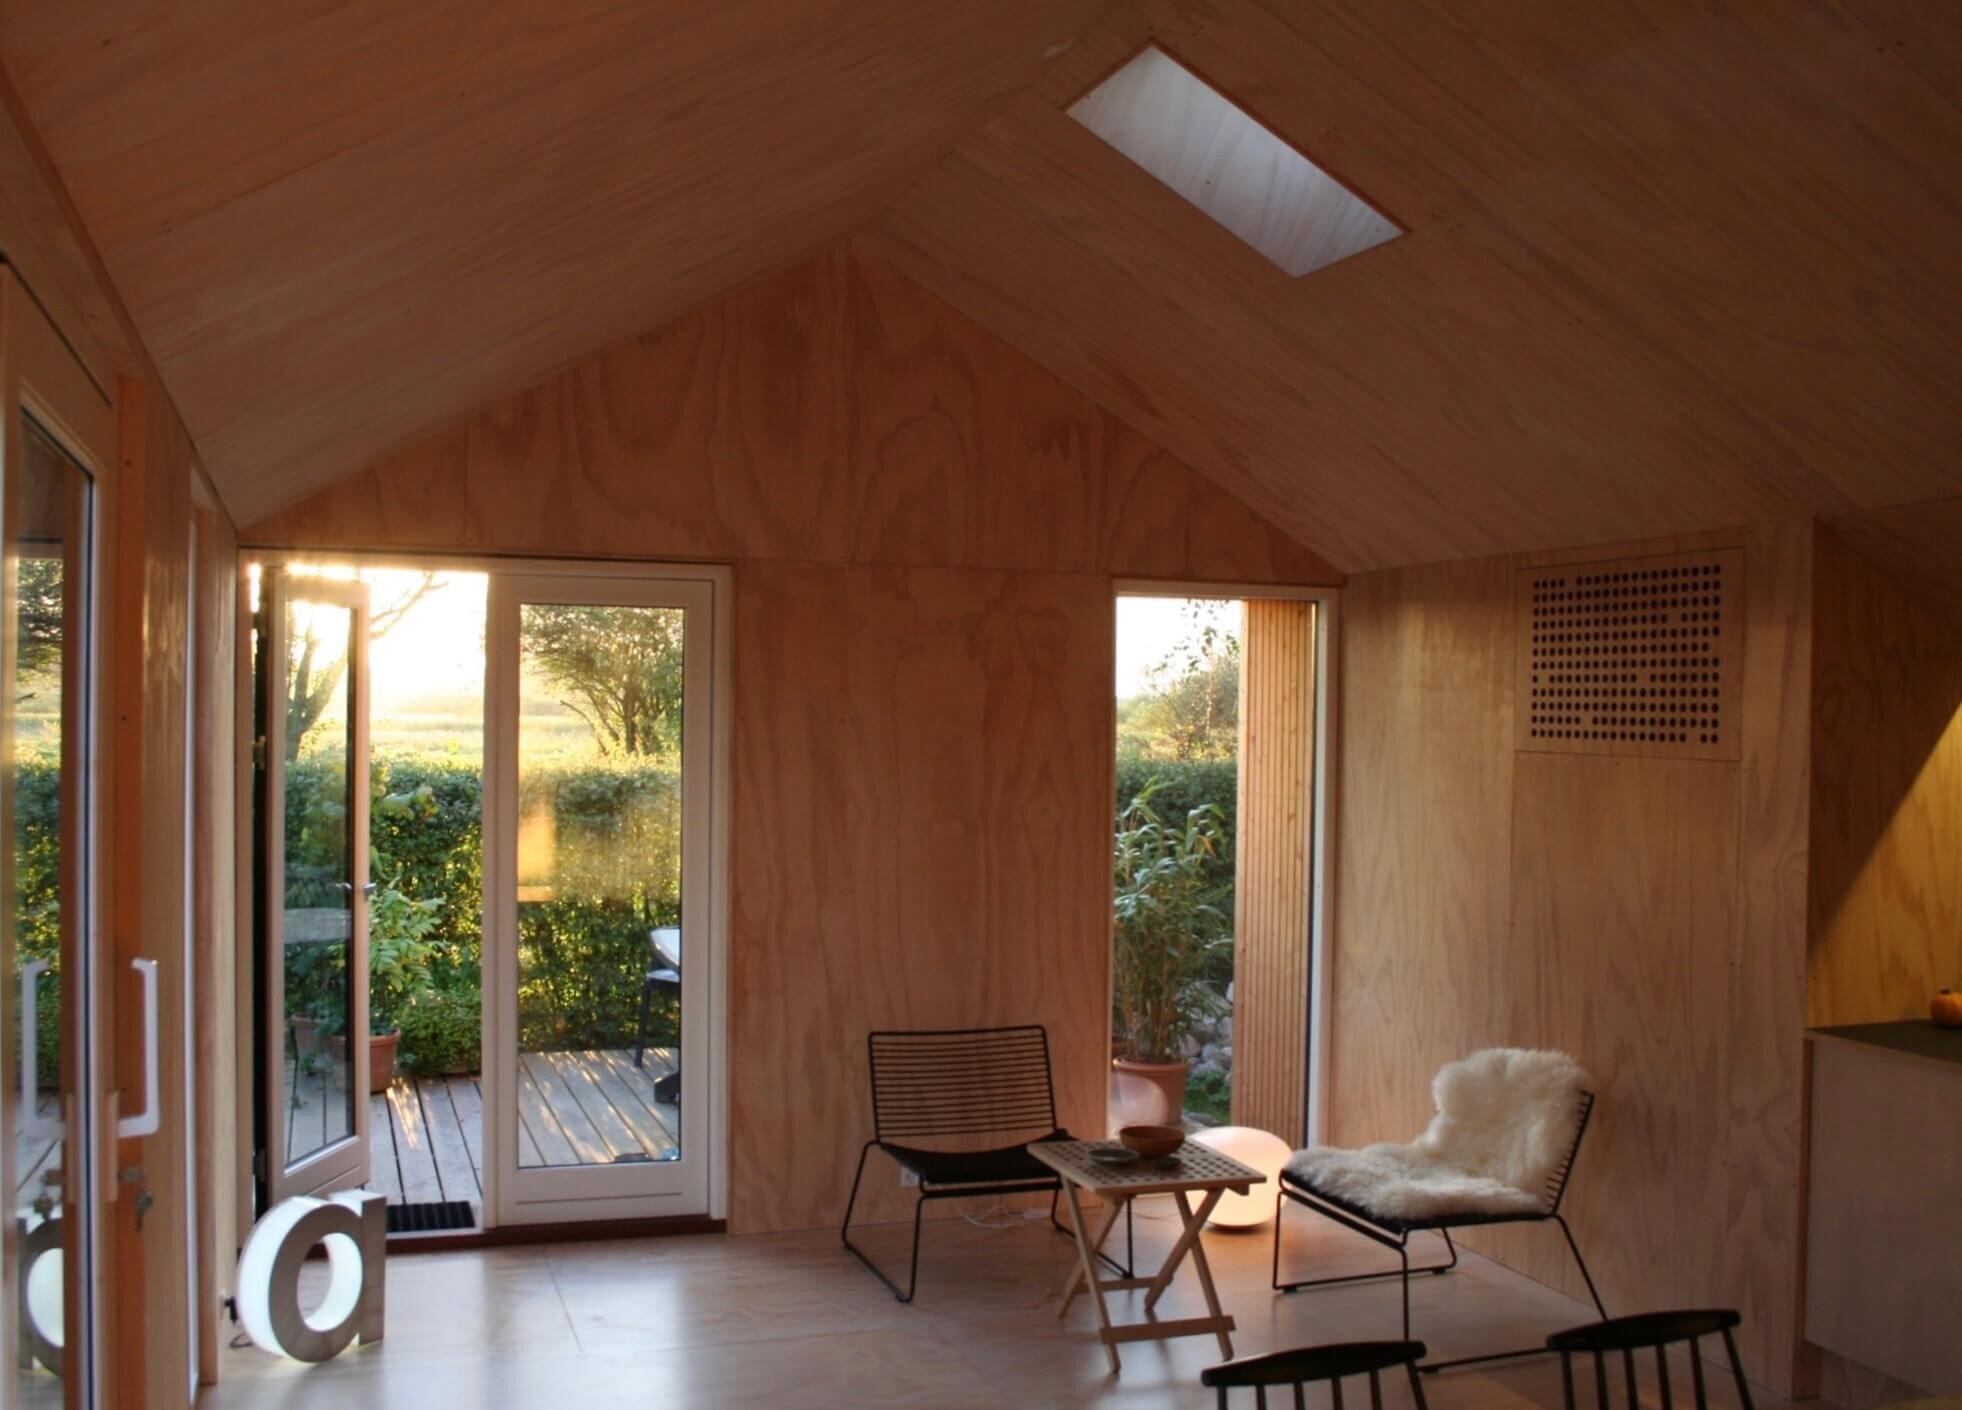 Allotment-House-Kristian-Olesen-Denmark-2